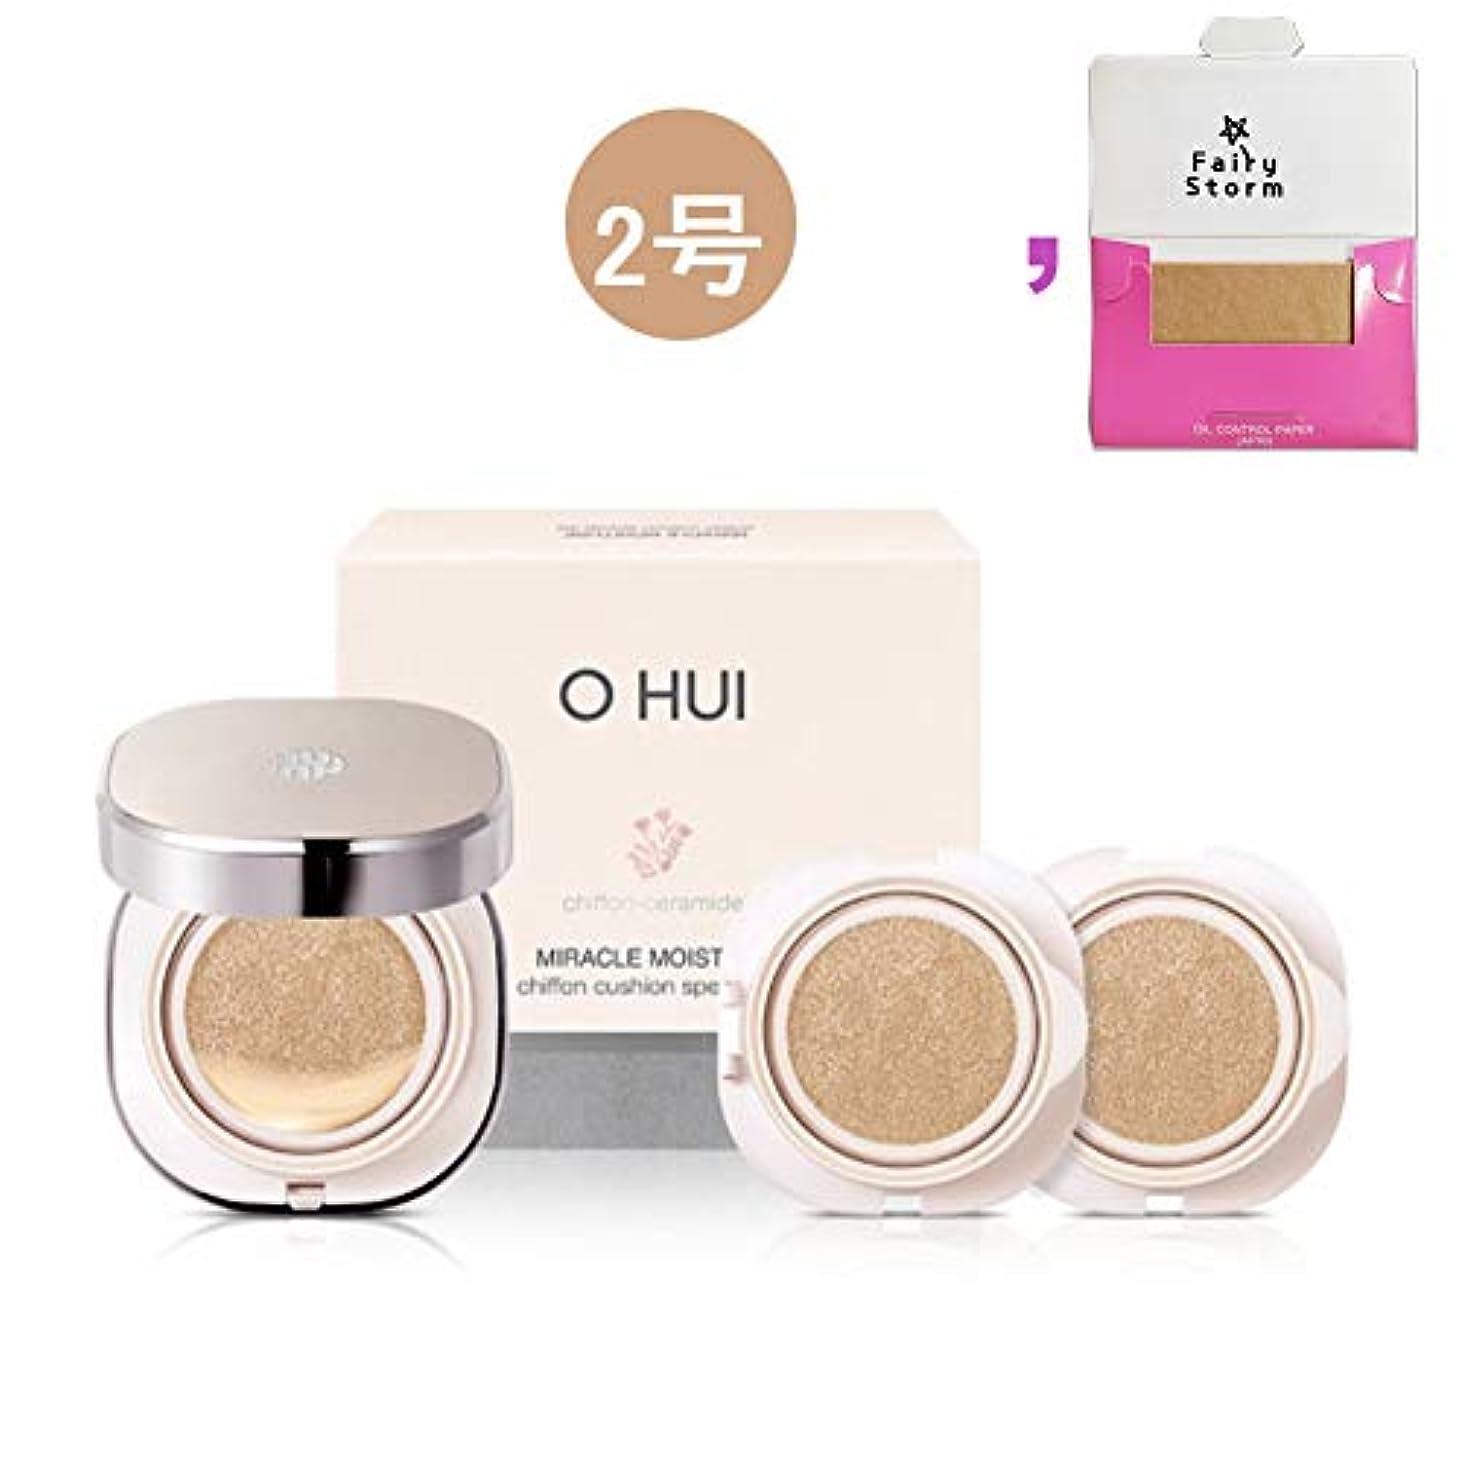 証明書マイル導入する[オフィ/ O HUI]韓国化粧品 LG生活健康/ohui Miracle Moisture shiffon cushion/ミラクル モイスチャーシフォンクッ ション + [Sample Gift](海外直送品) (2号)